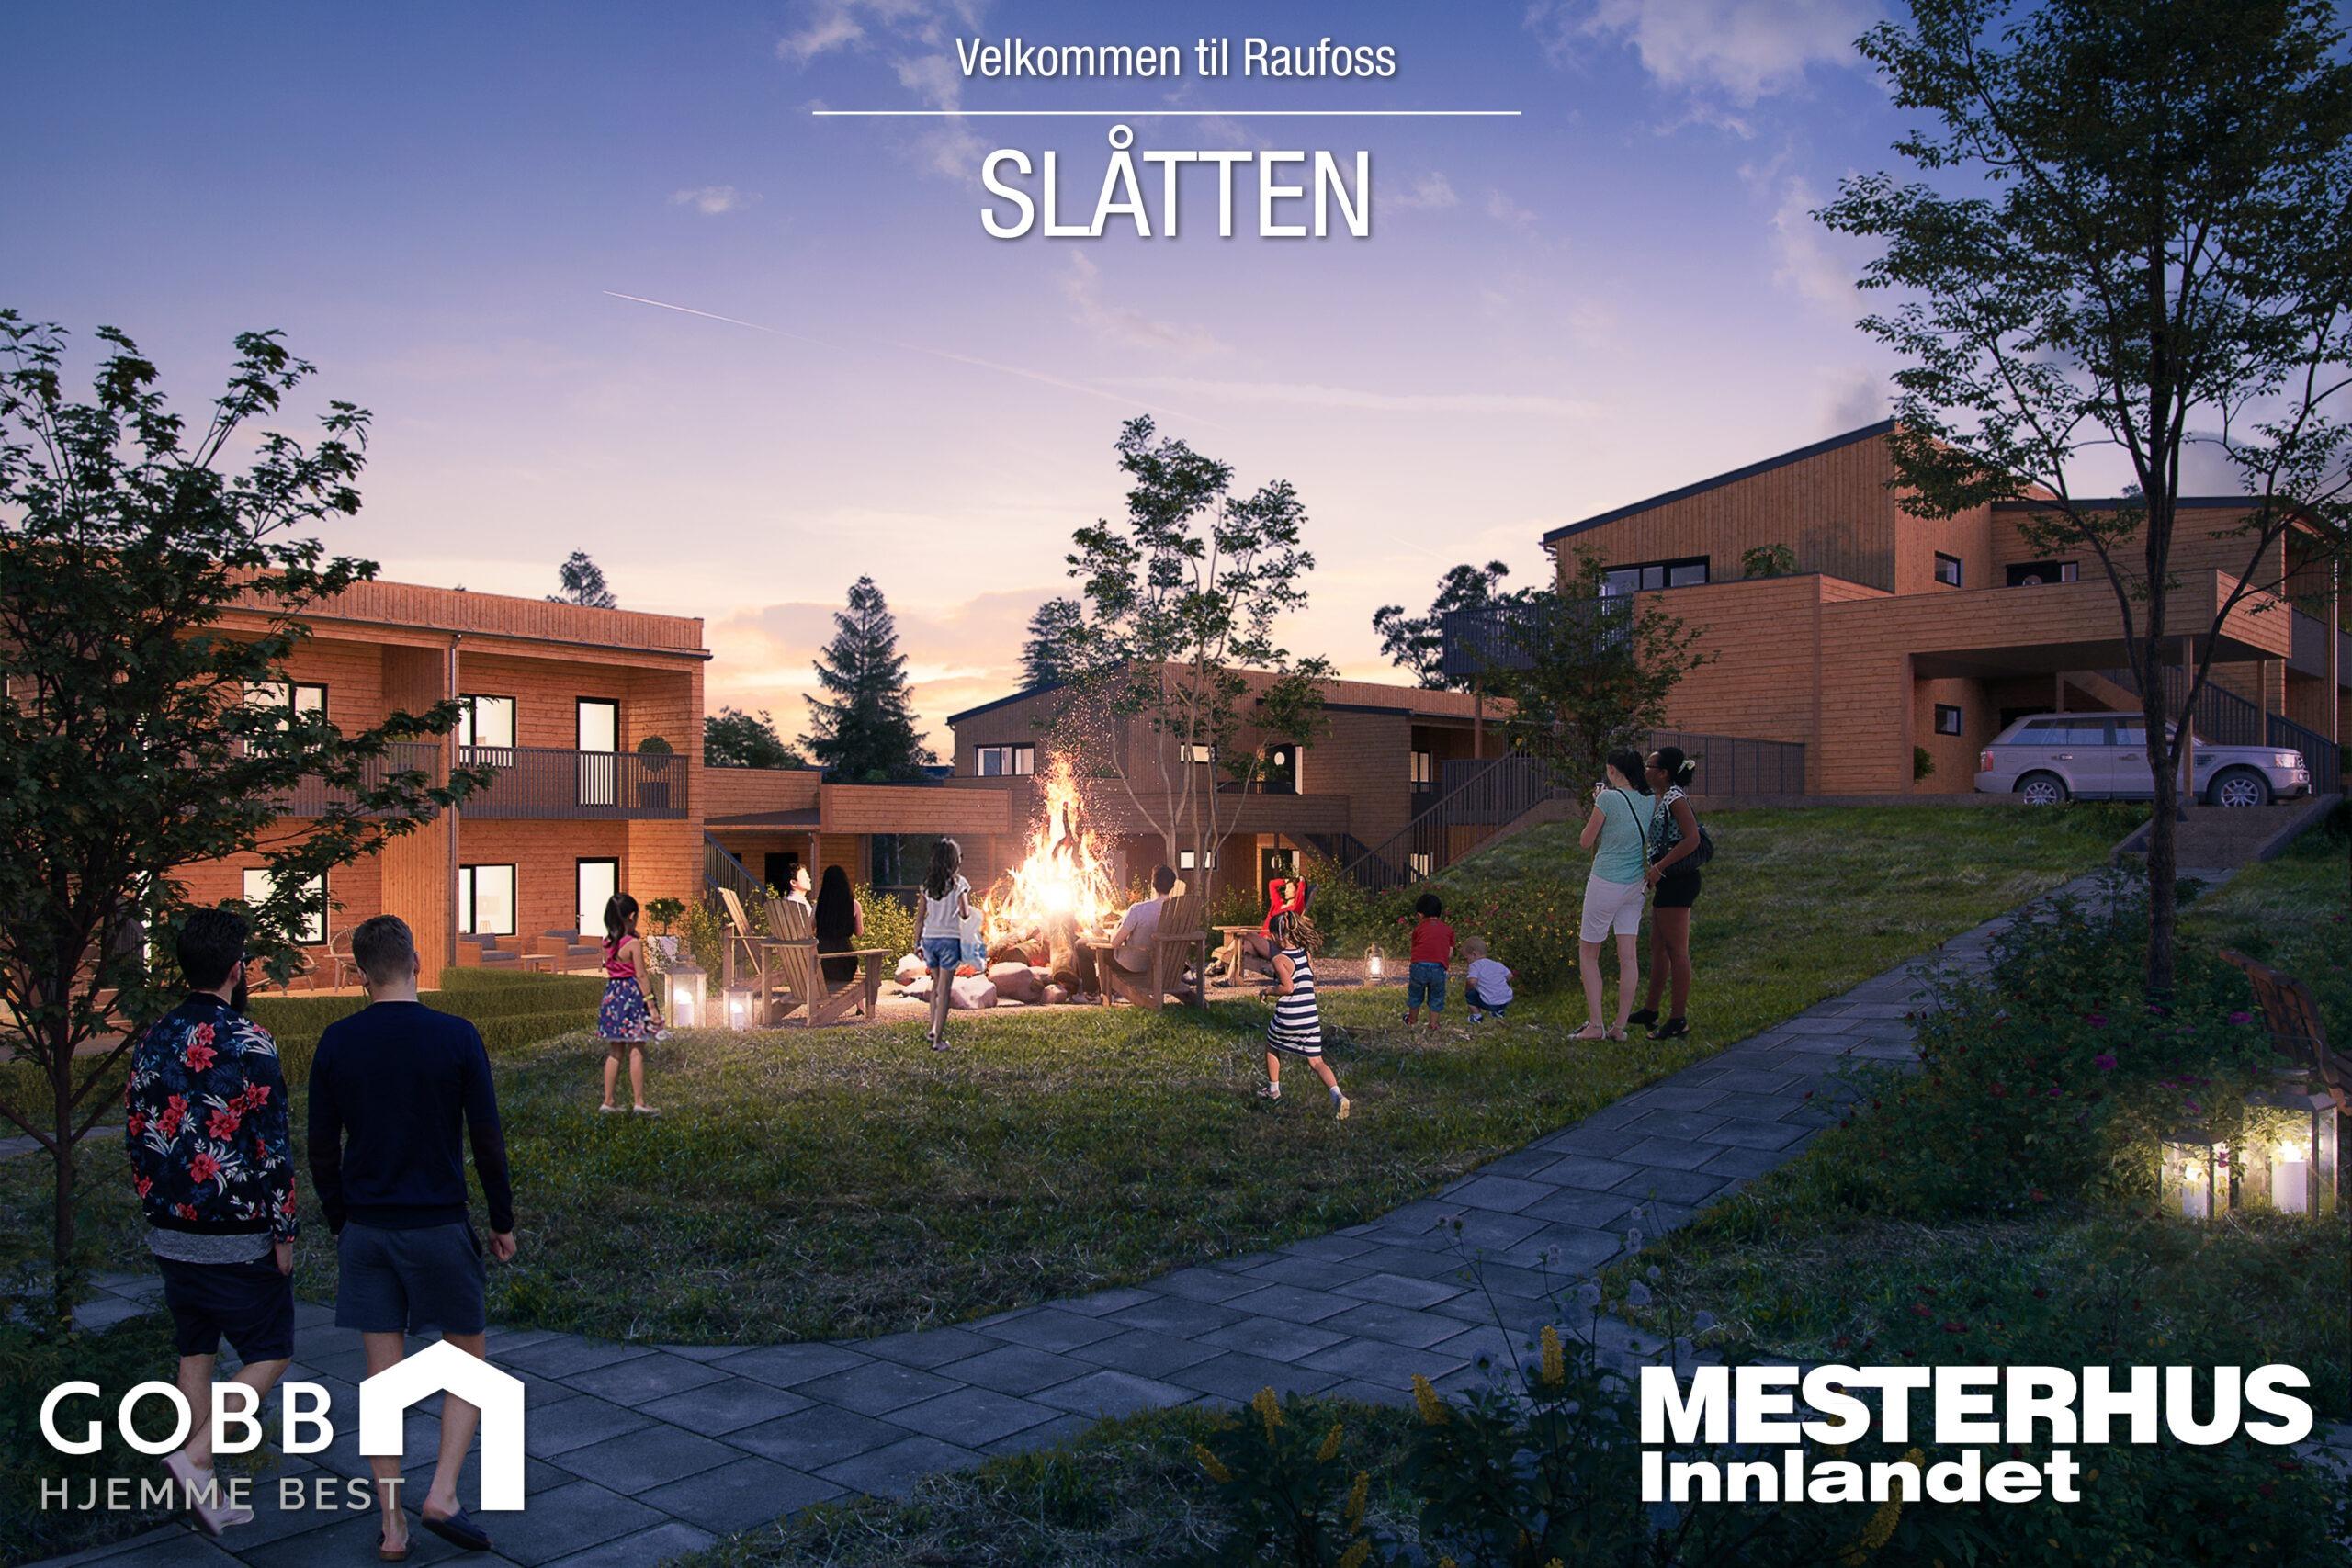 Velkommen til Slåtten på Raufoss!